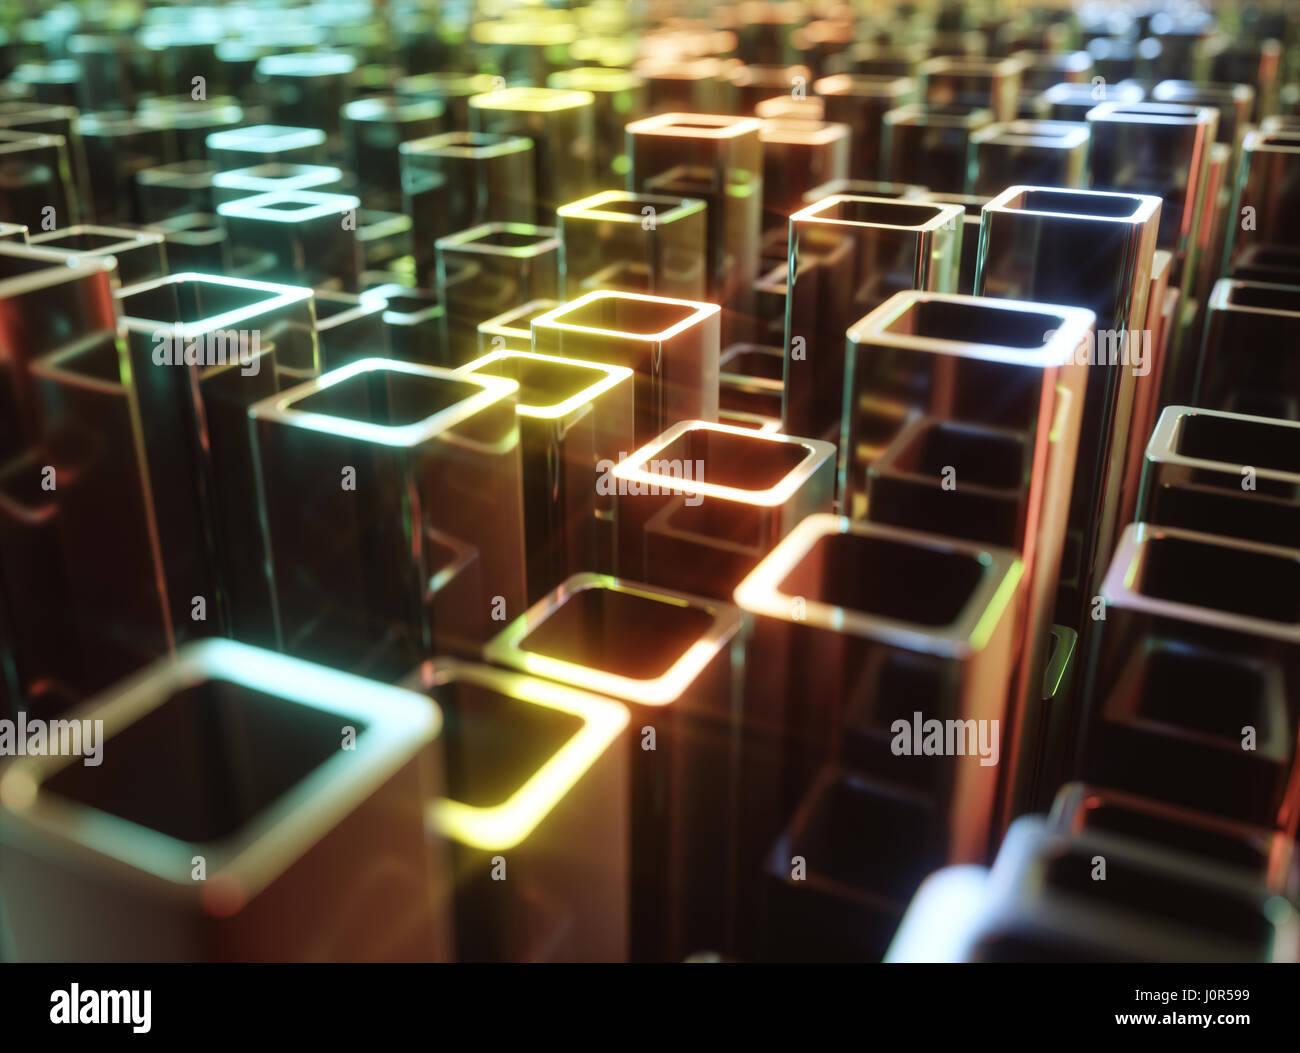 3D illustration. Résumé fond faites par des tubes métalliques reflétant des lumières colorées. Photo Stock